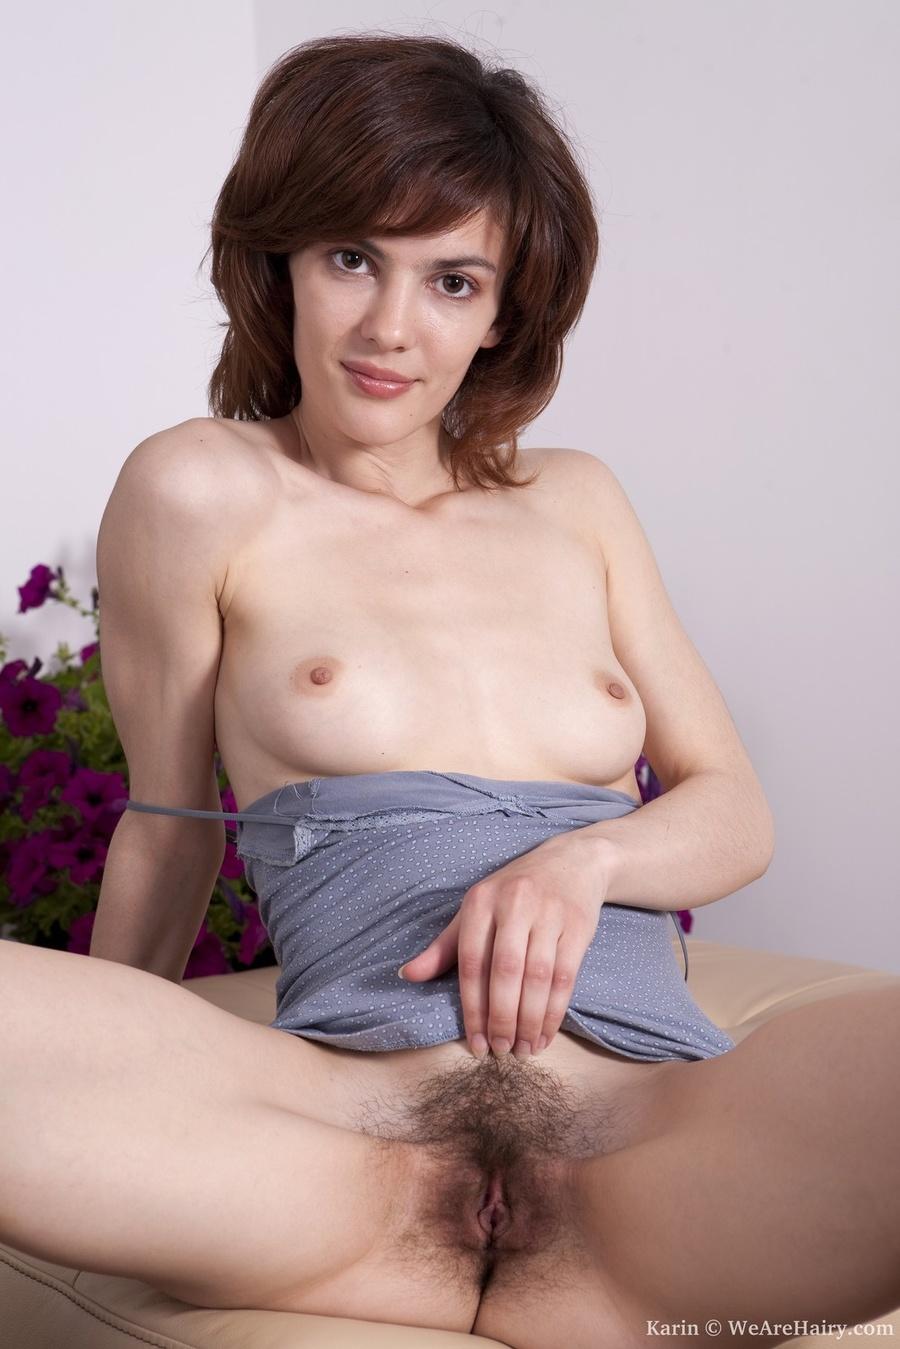 Big taco masturbation girl in stockings 9